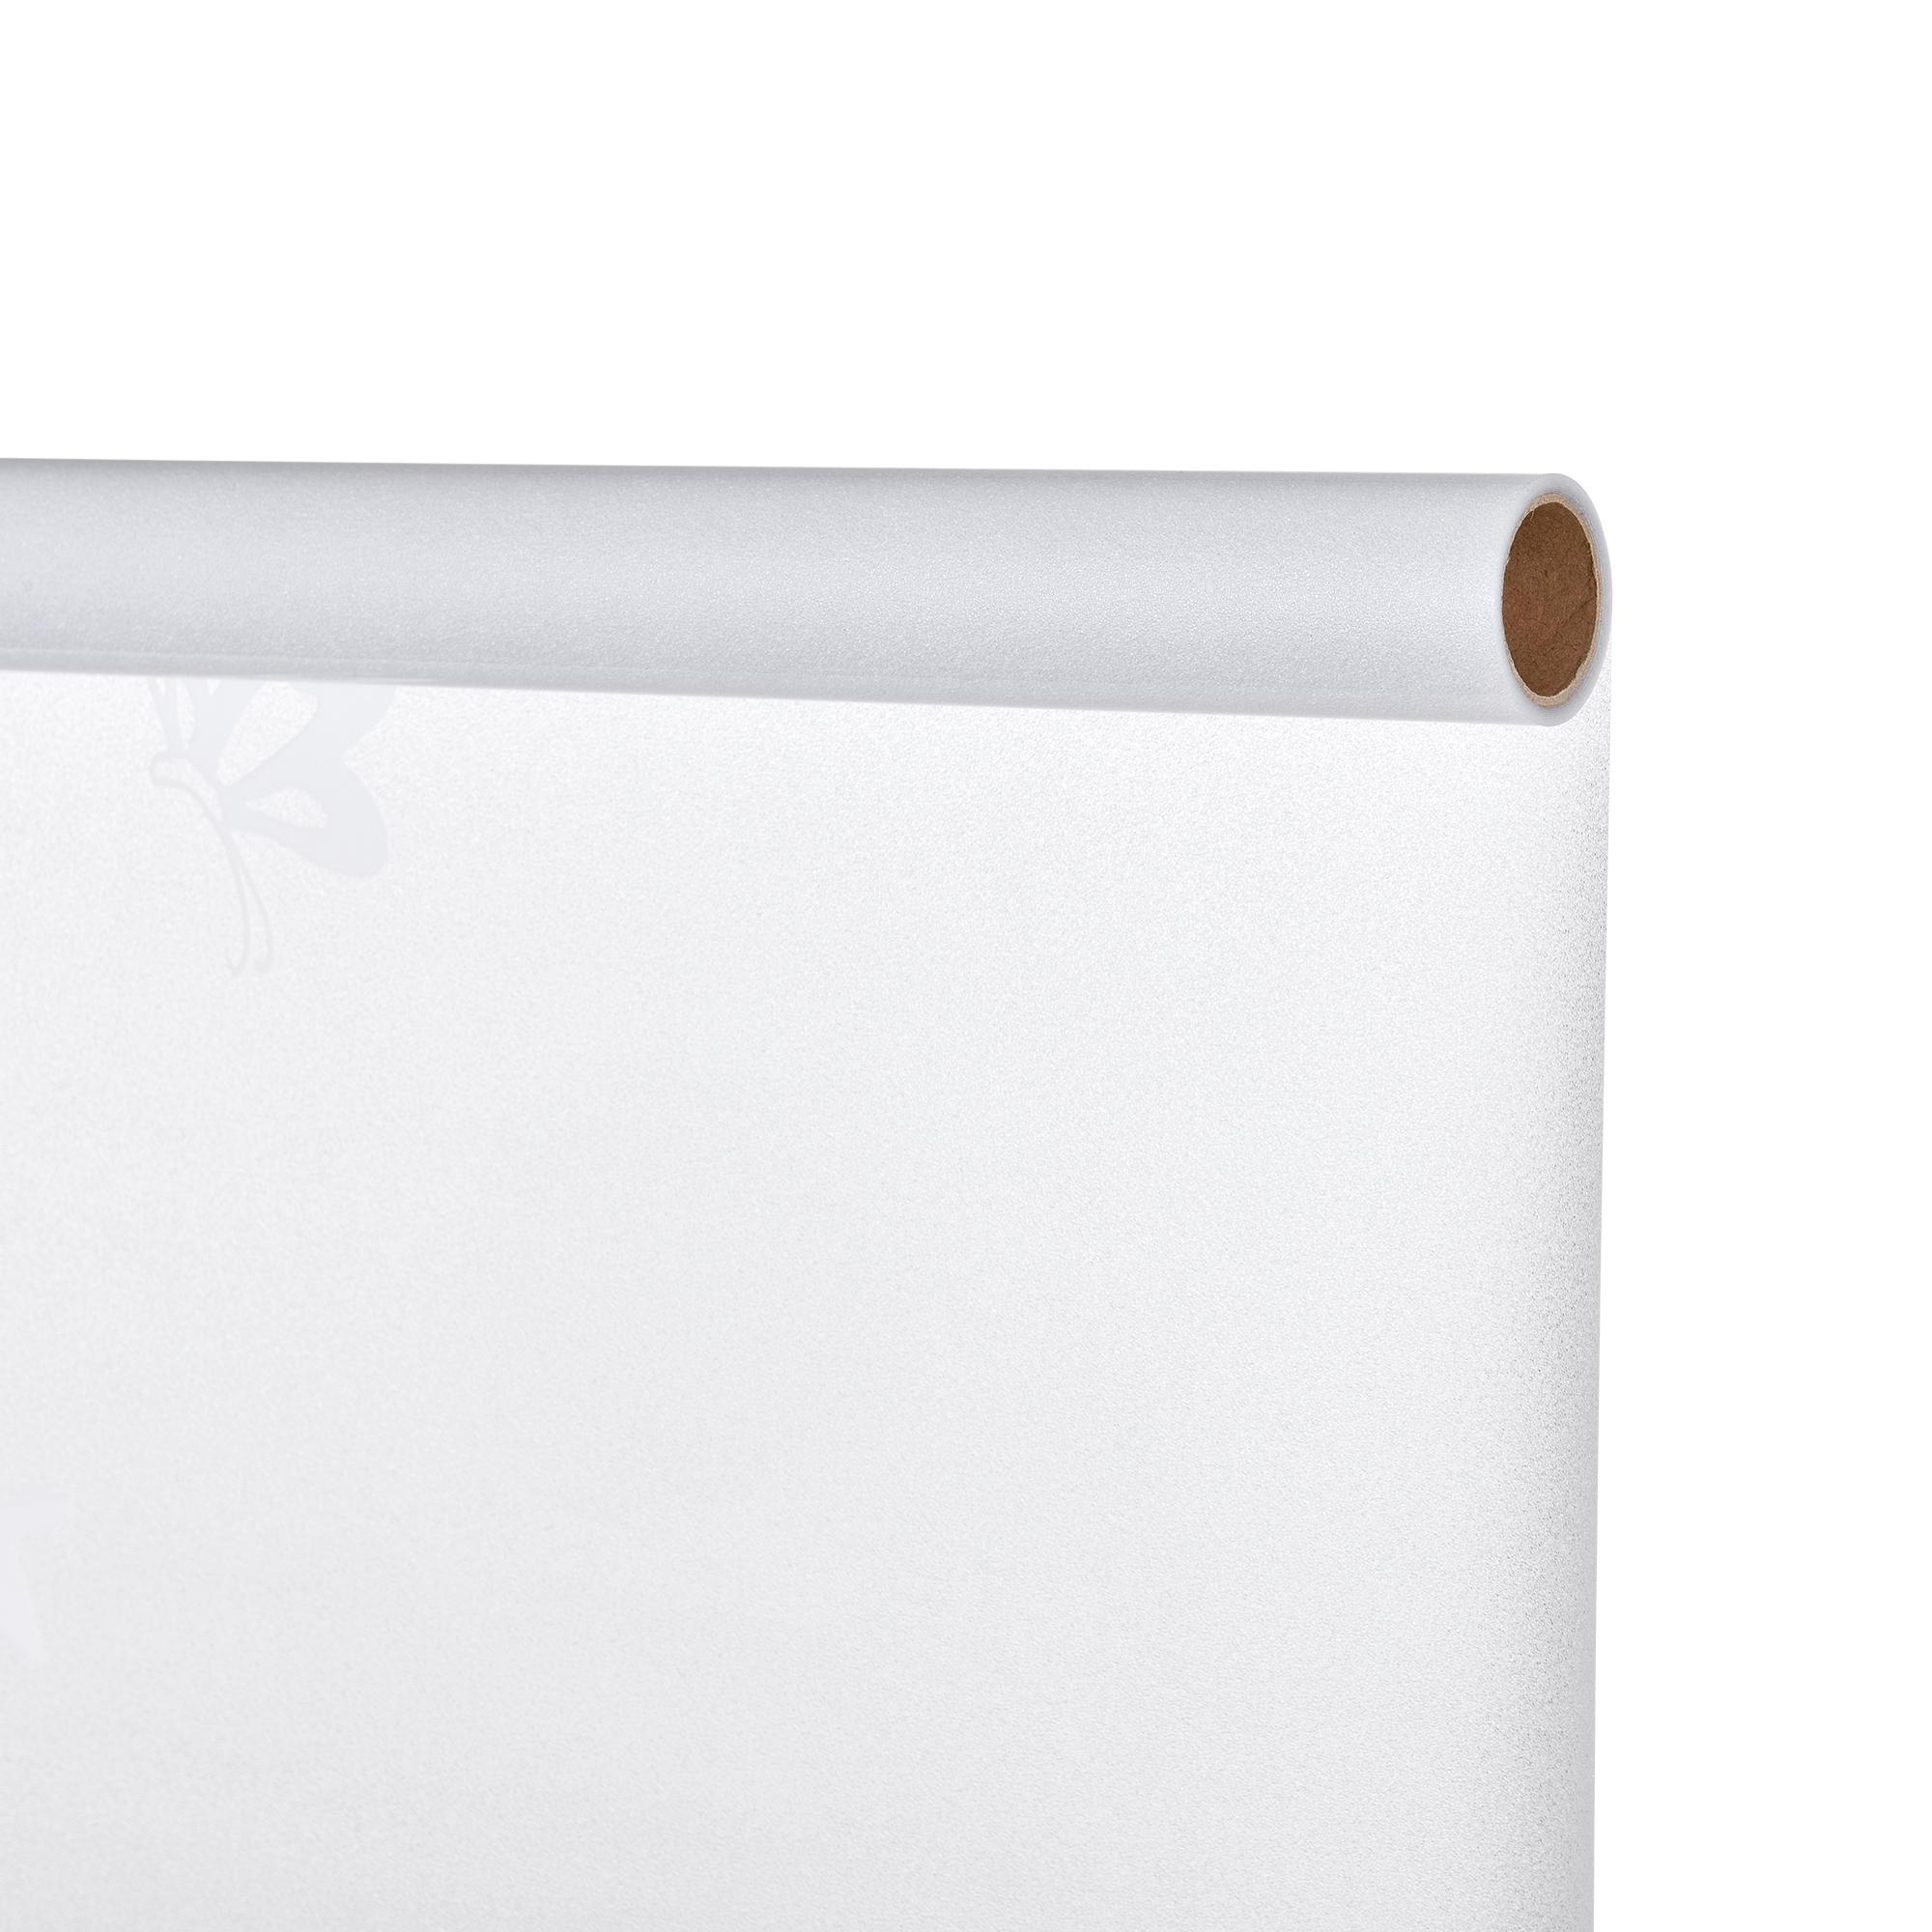 casao] Sichtschutzfolie Milchglas Katze 67 5 cm x 1 m